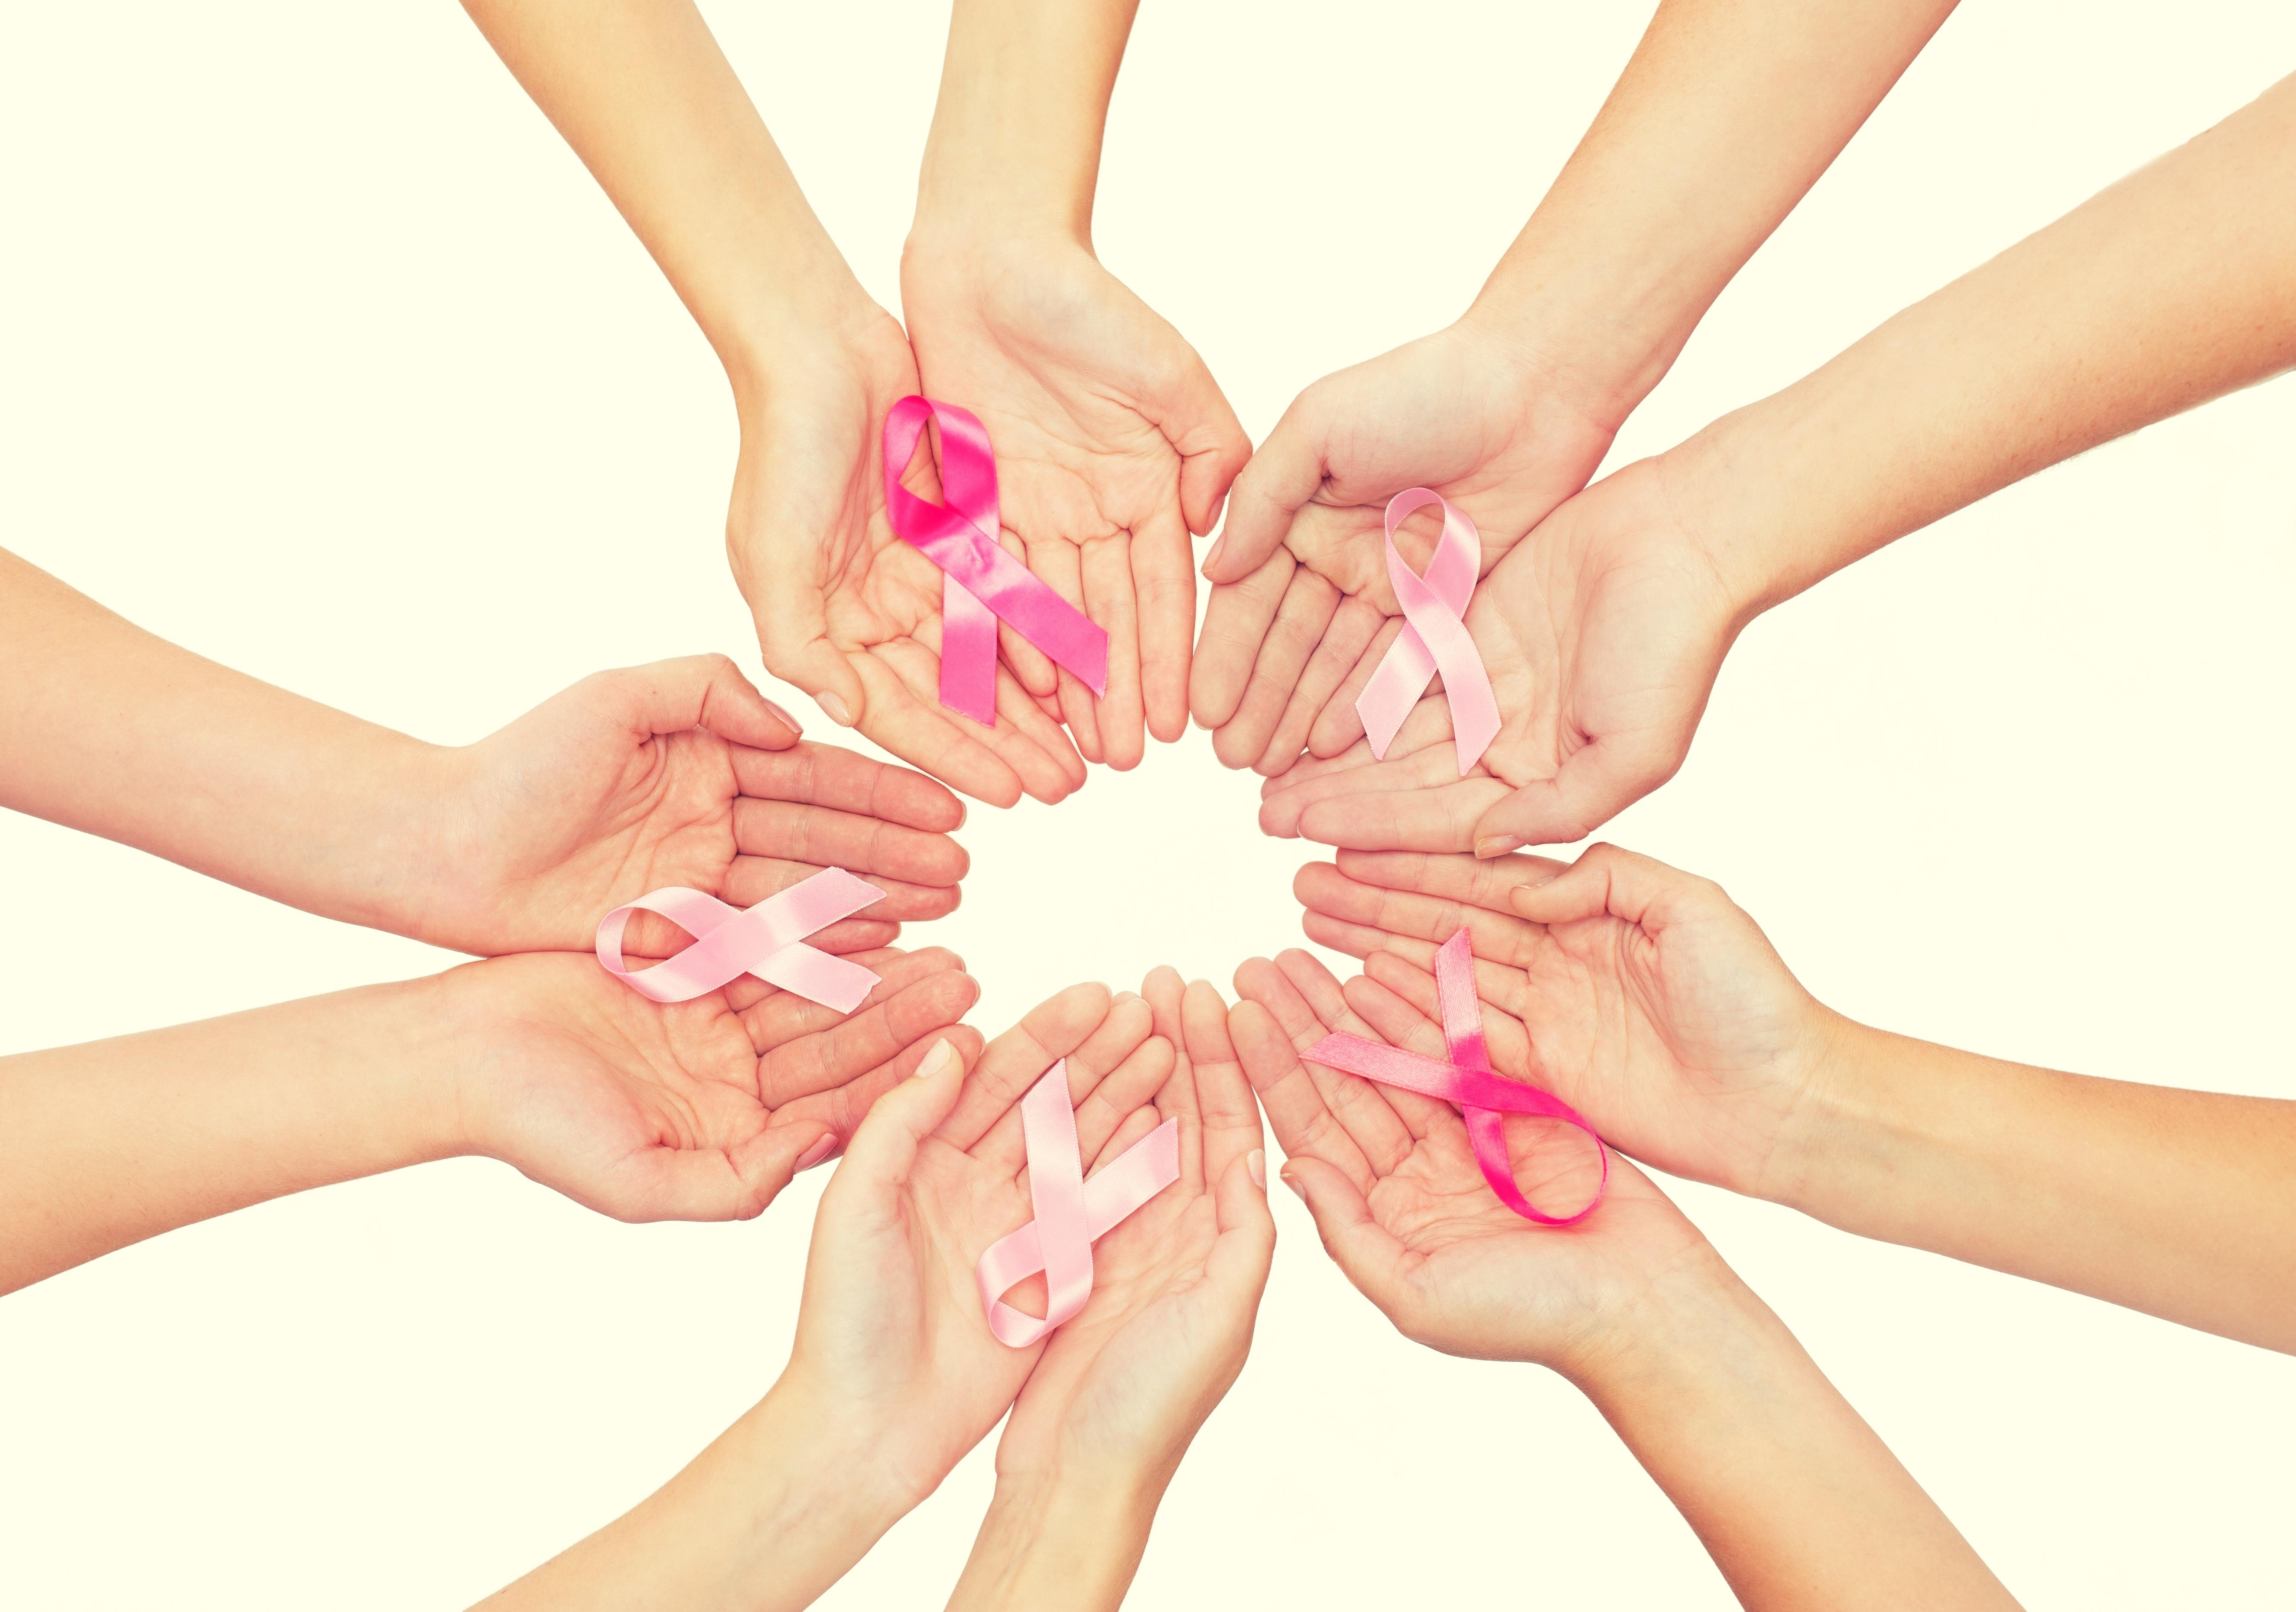 Vairākas sieviešu rokas aplī tur salocītu rozā lentīti